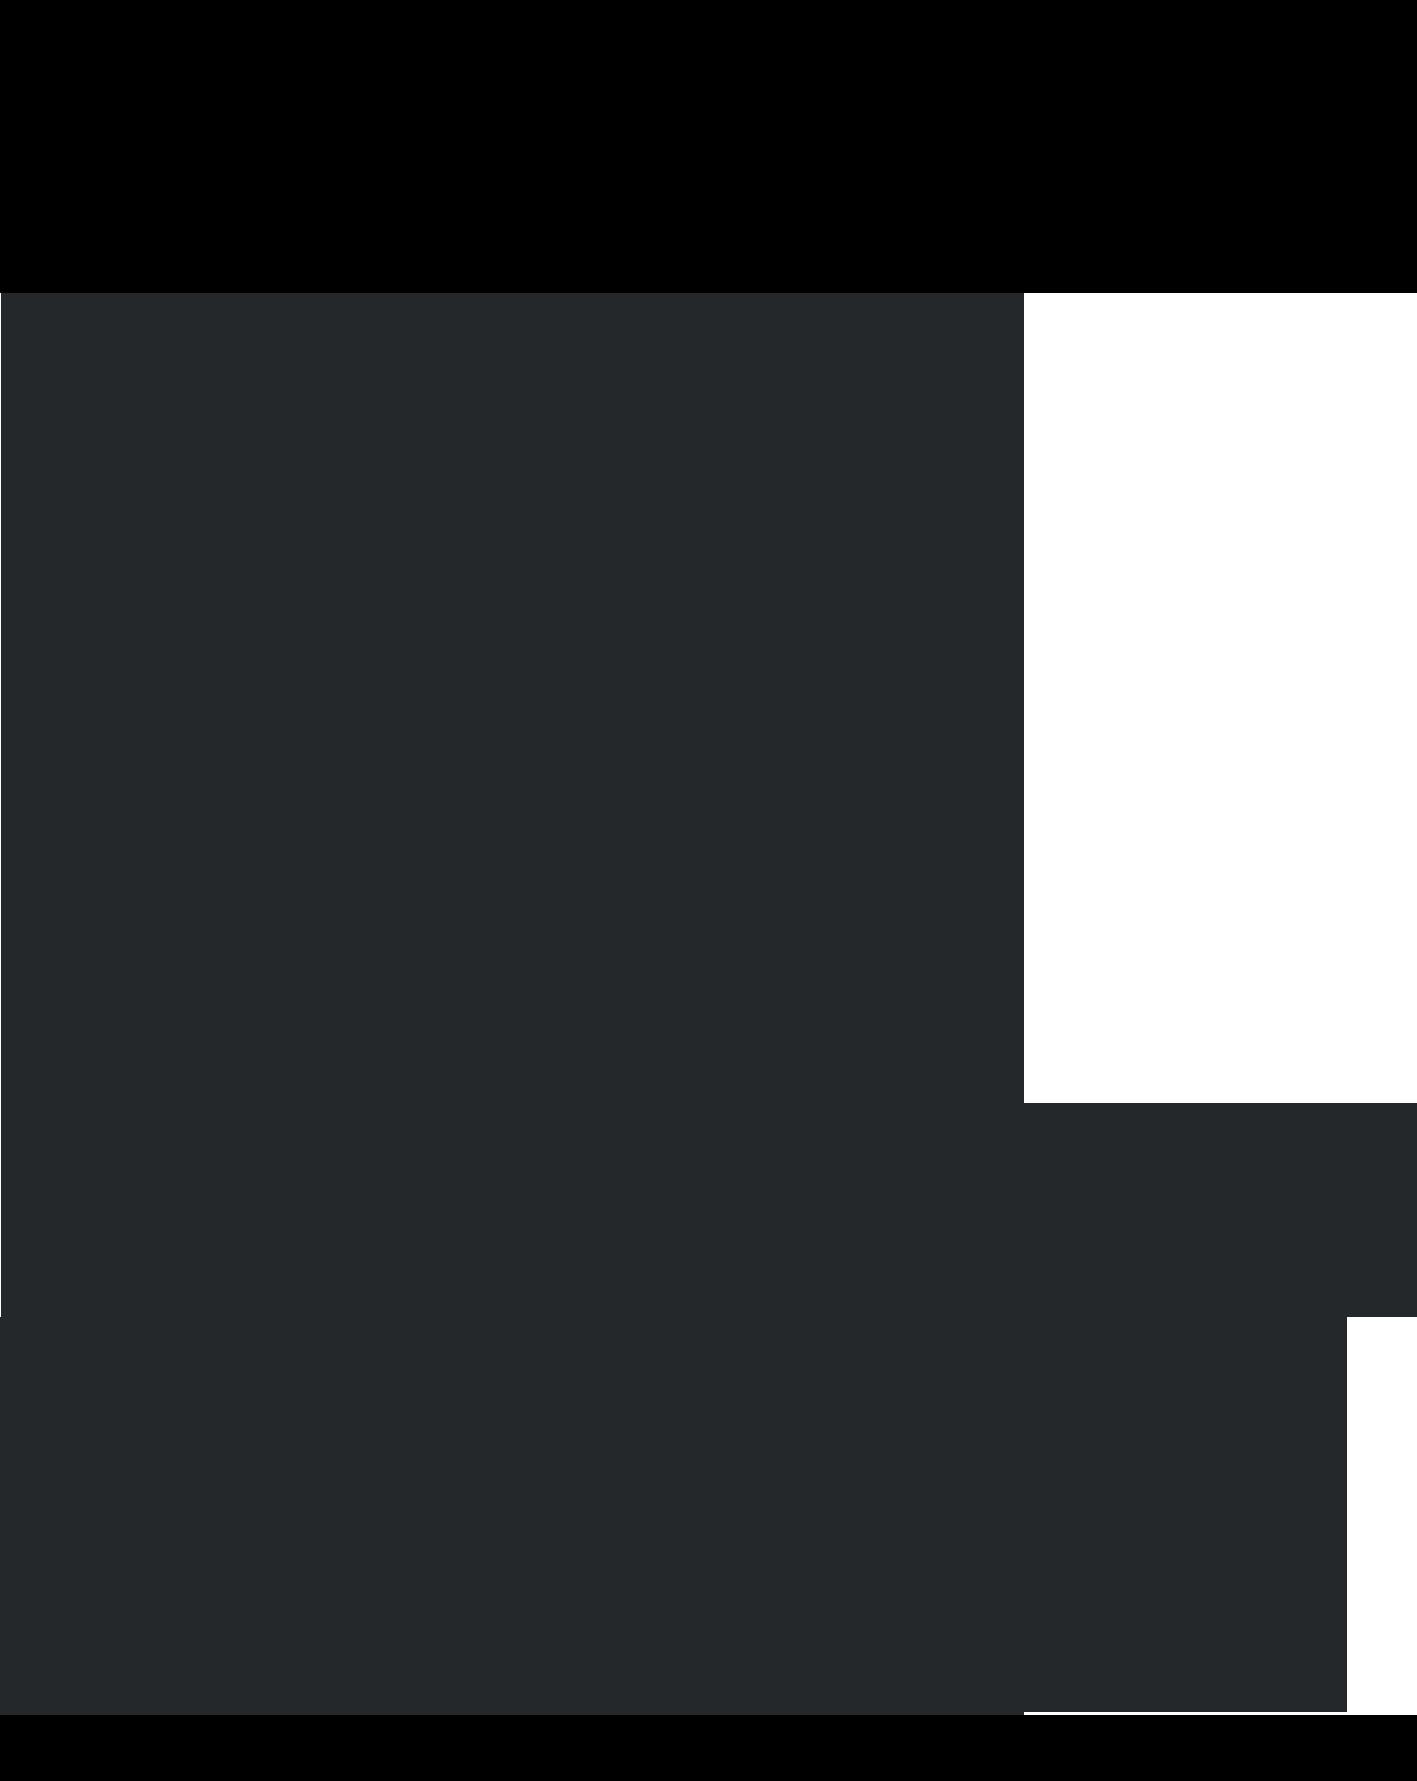 dbf-dark.png